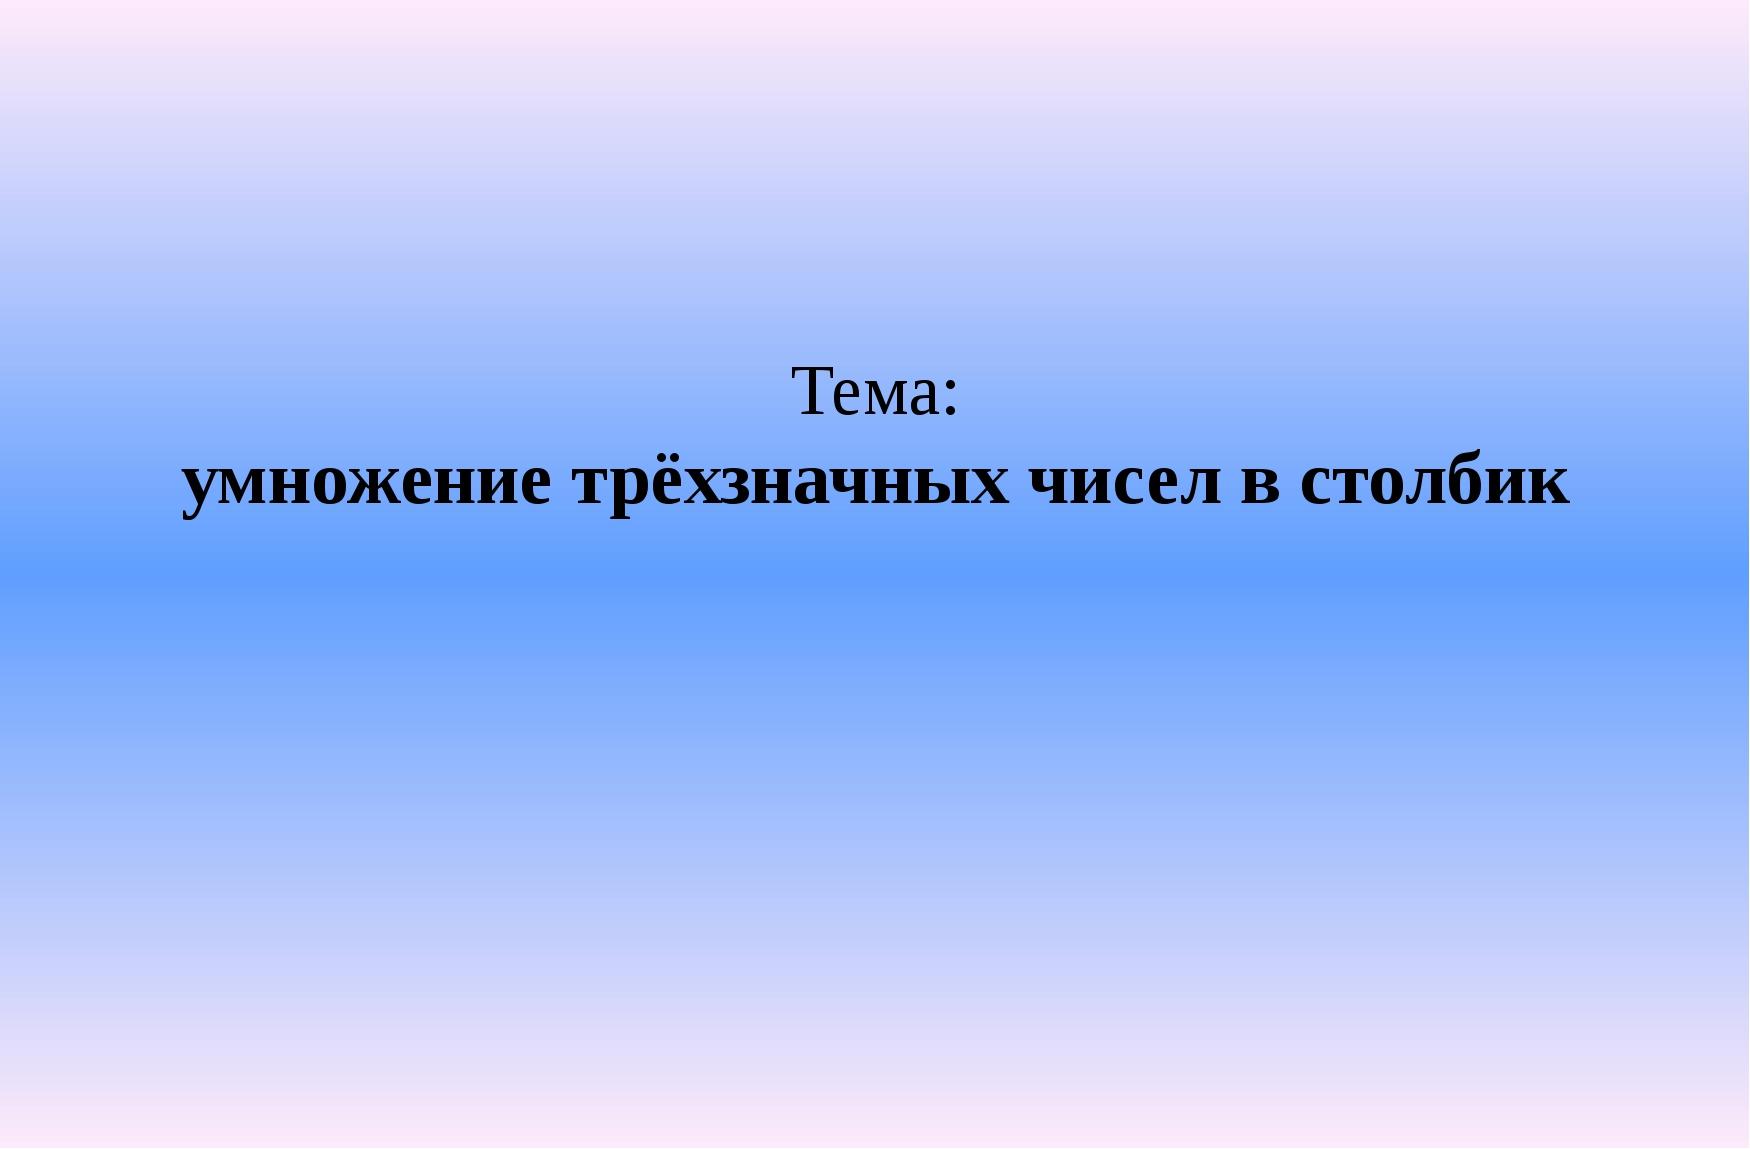 Тема: умножение трёхзначных чисел в столбик